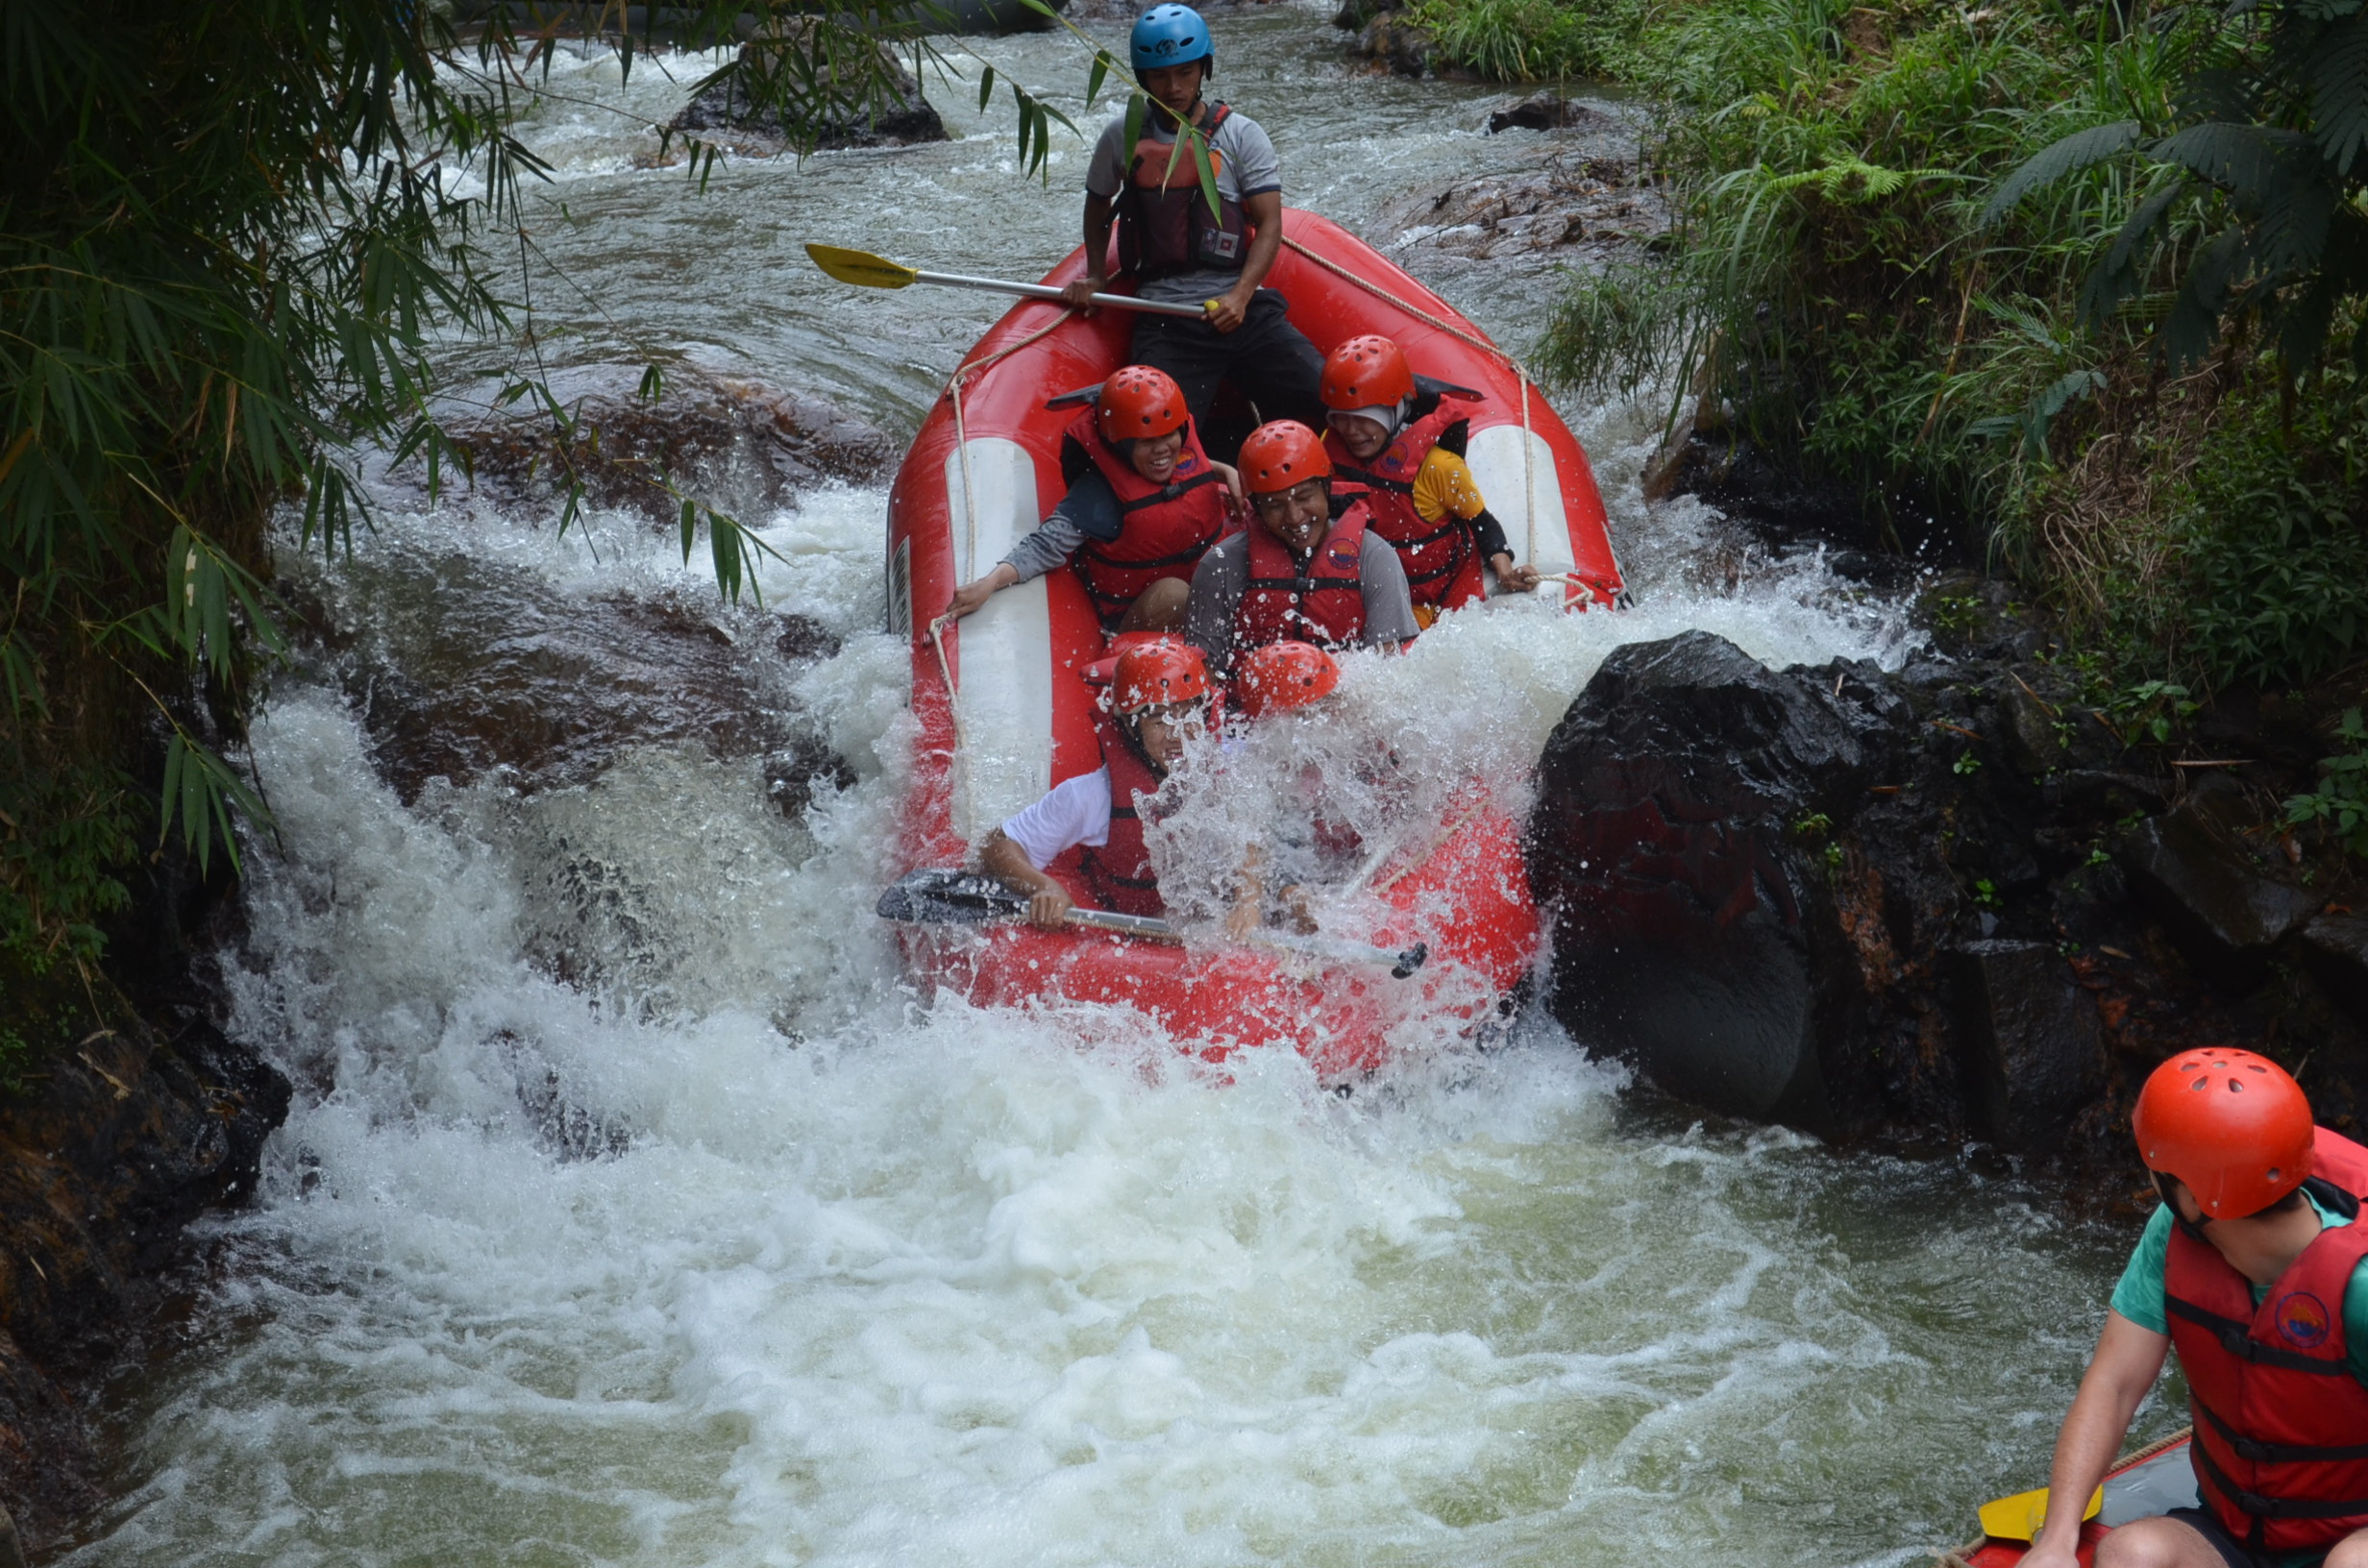 wahana-wisata-rafting-pangalengan-bandung-selatan-6